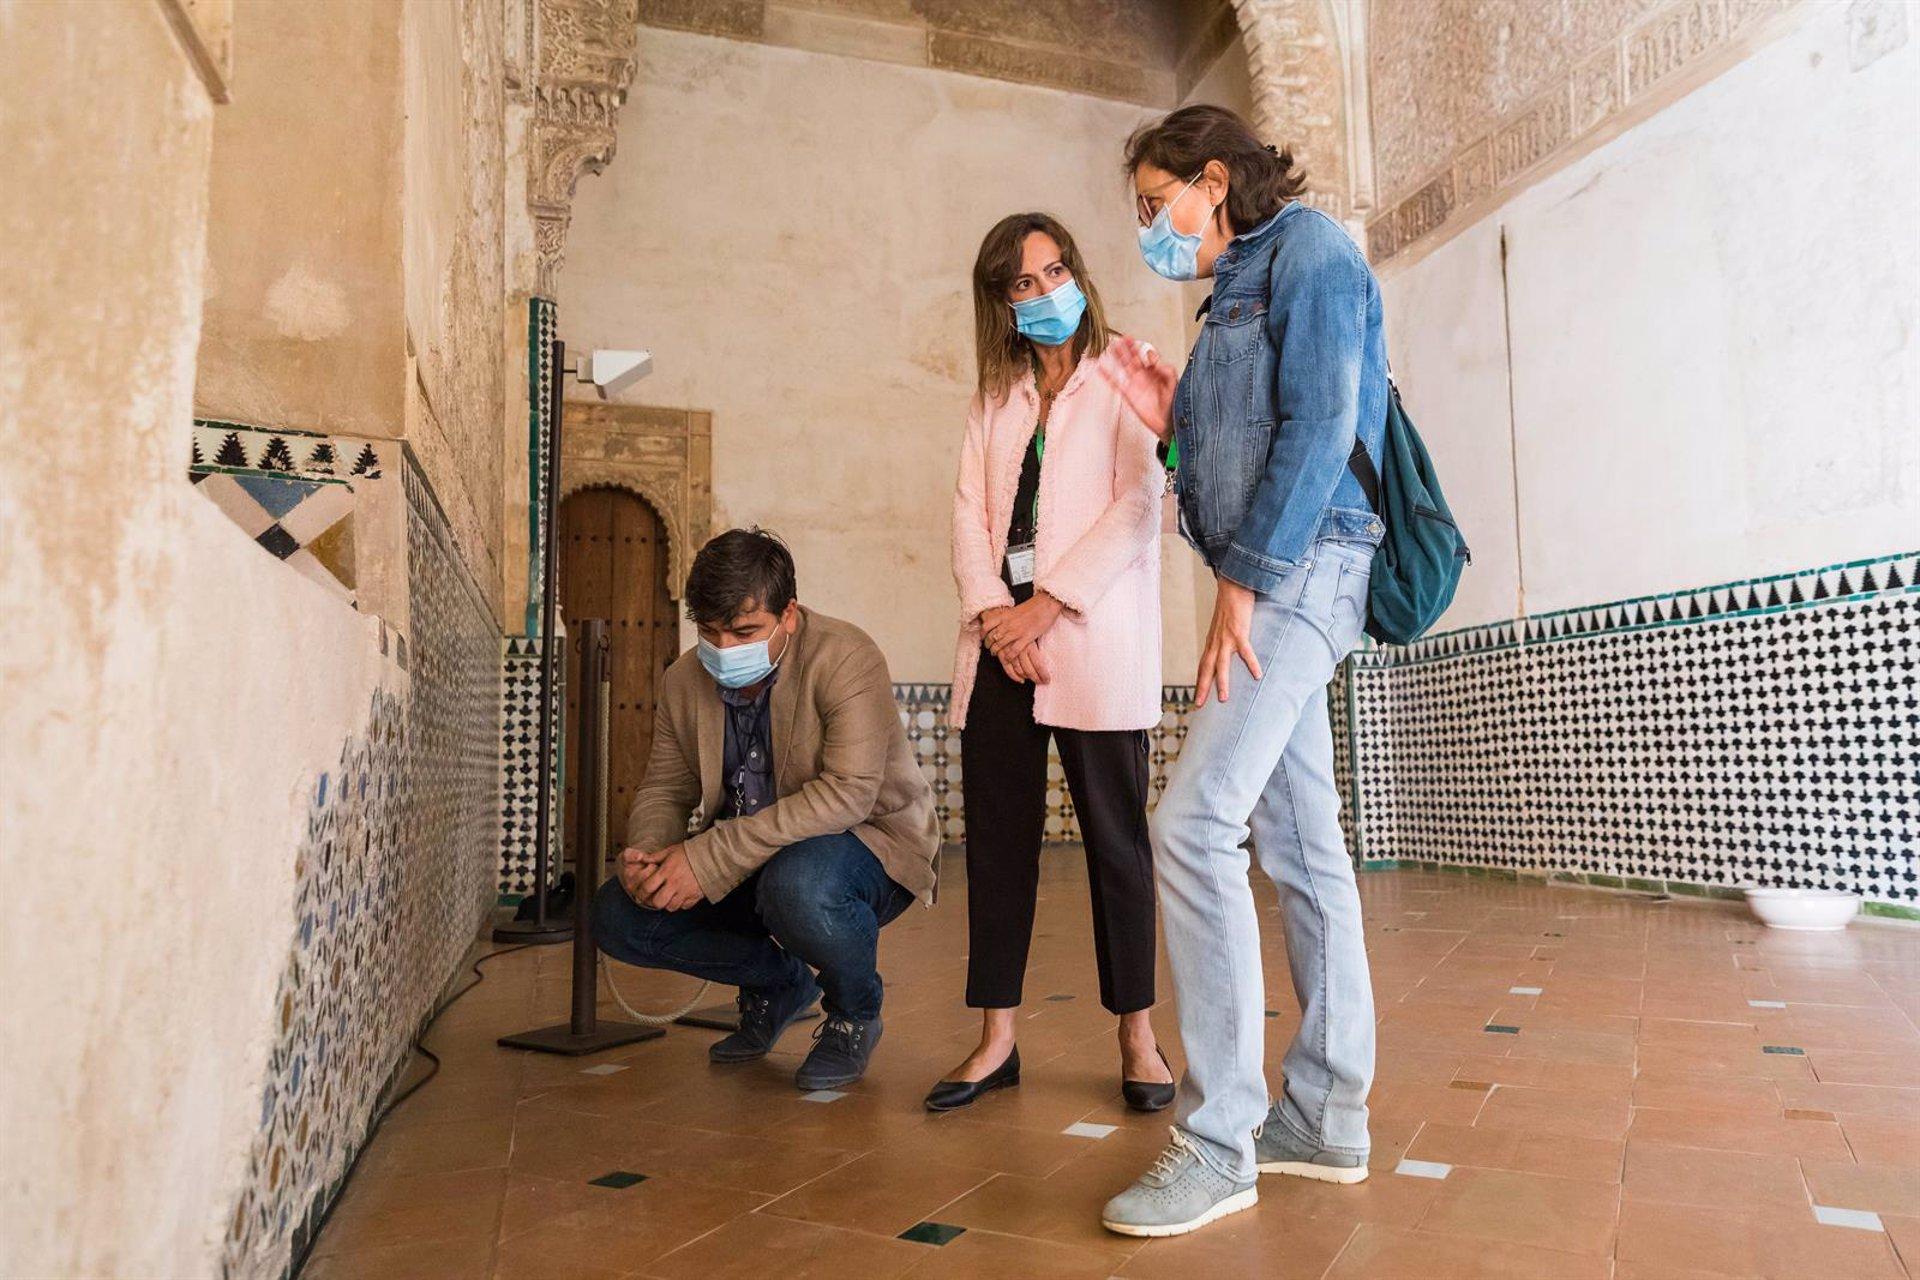 La Alhambra restaura dos paños de alicatados de la Sala de la Barca